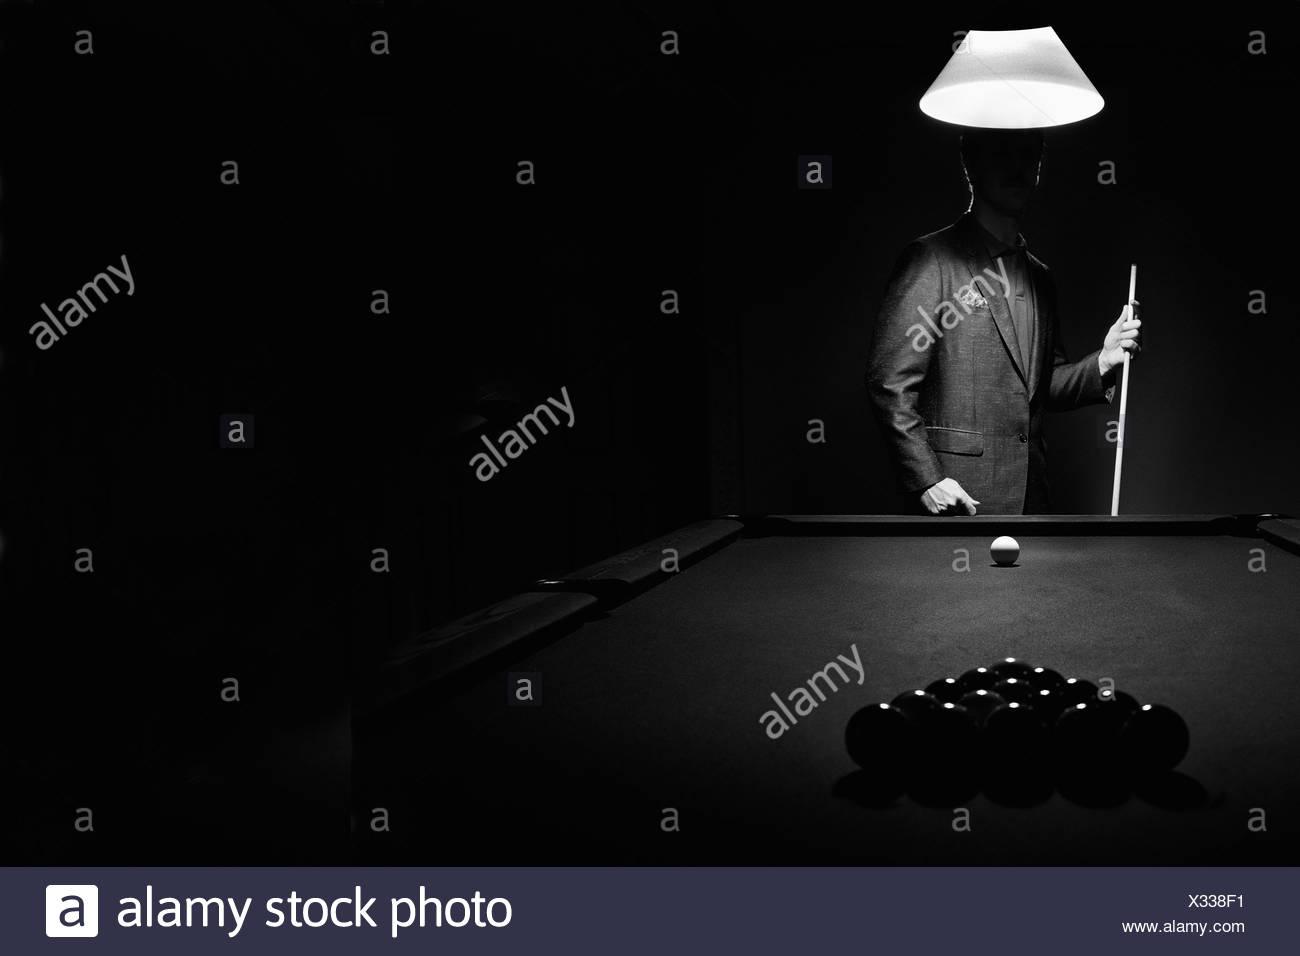 Joueur de billard mystère derrière carré de boules de billard Photo Stock